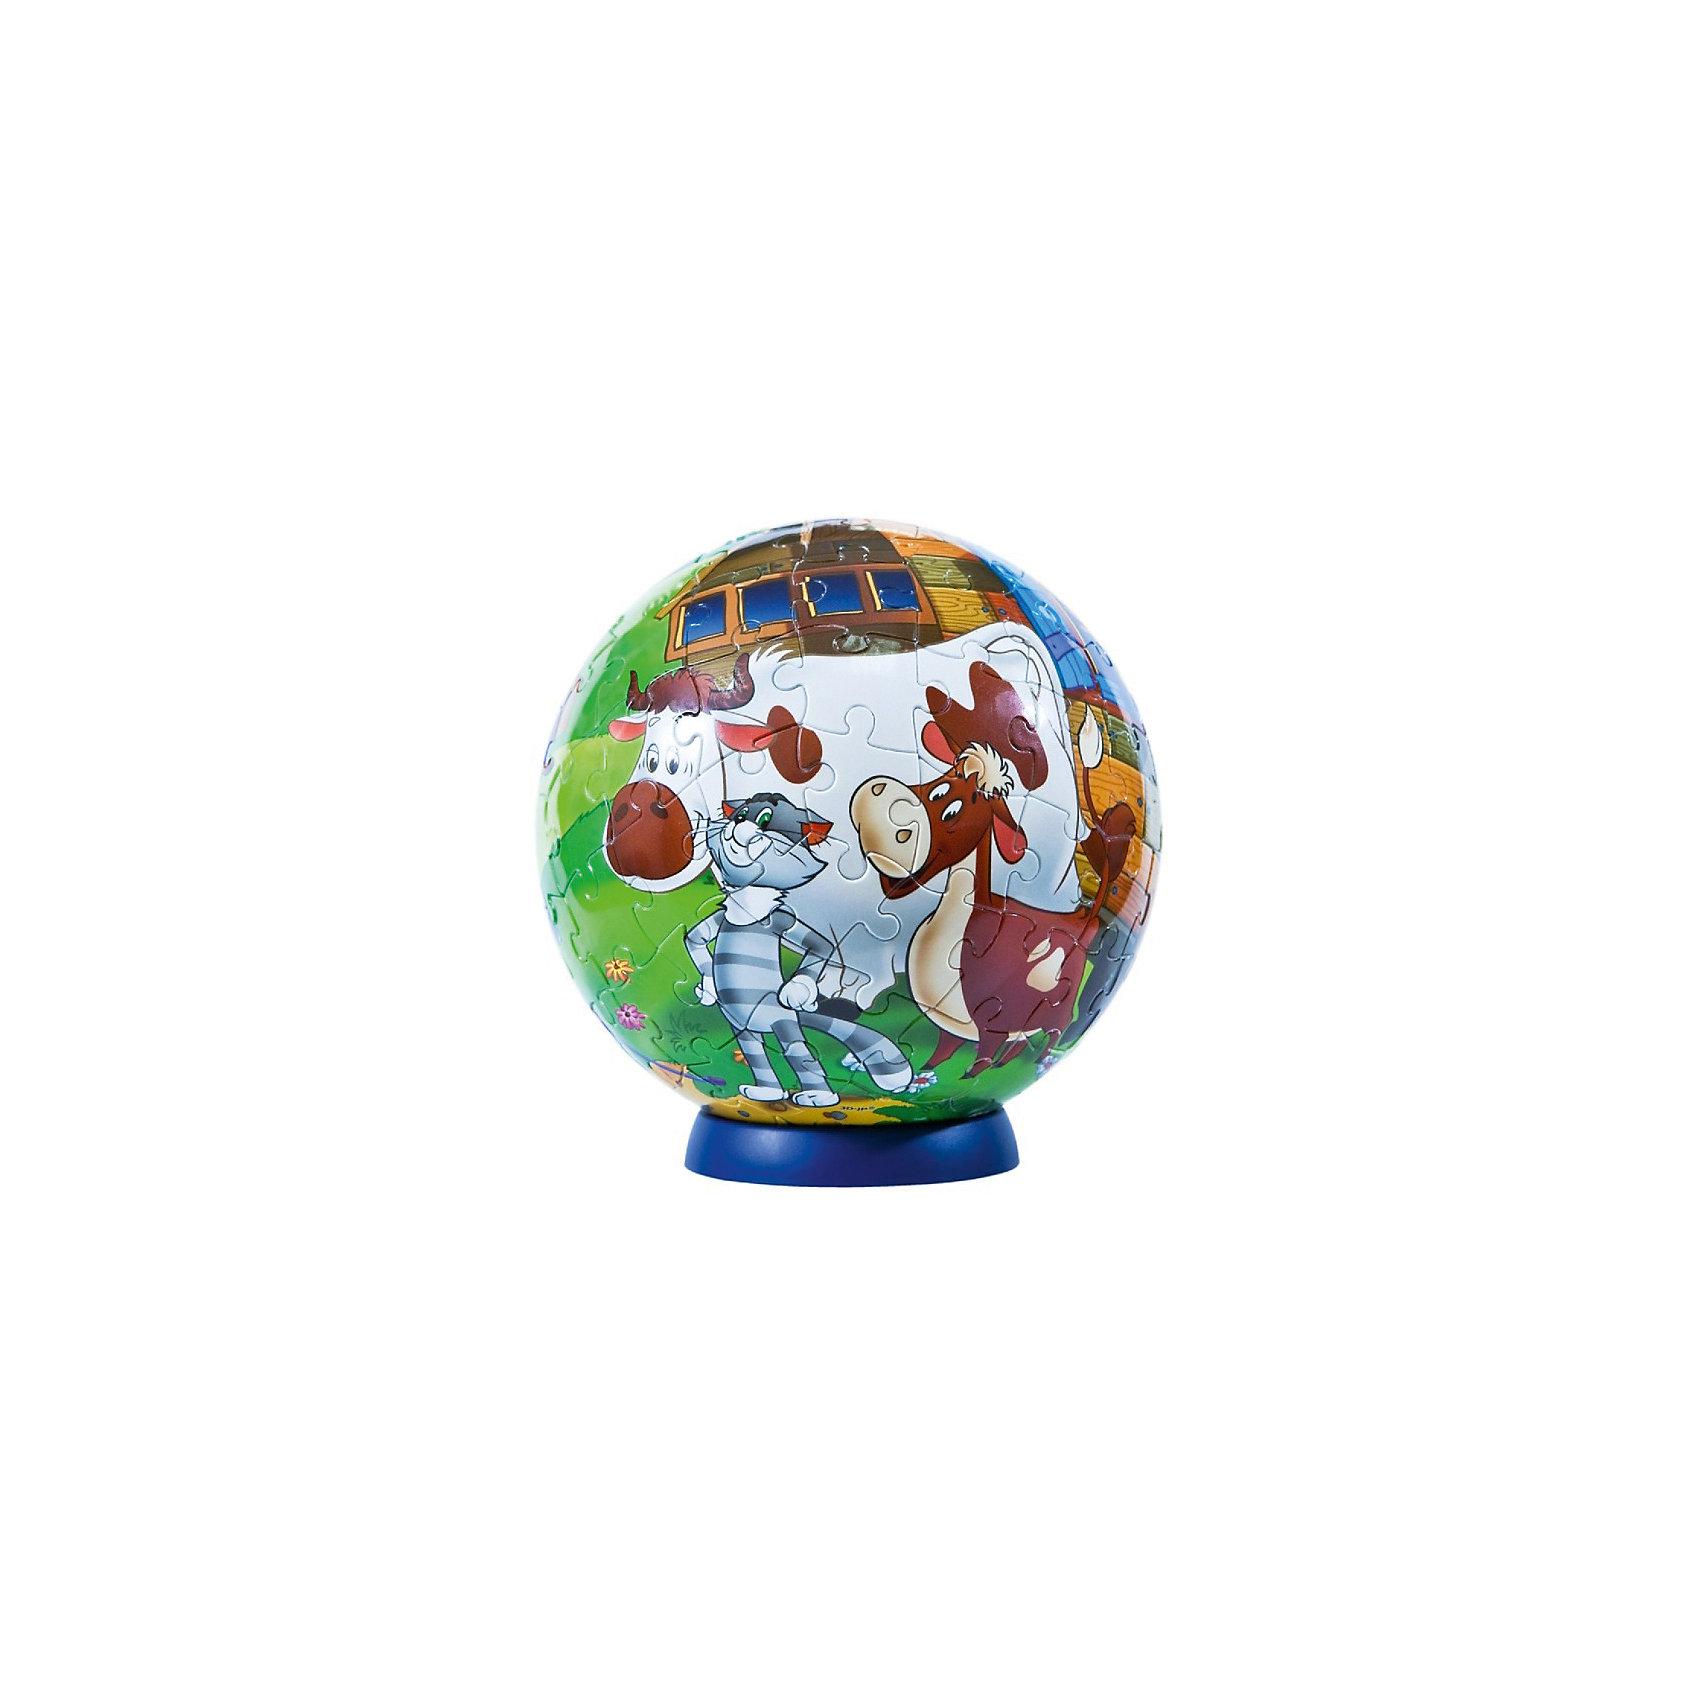 Пазл-шар Простоквашино, 108 деталей3D пазлы<br>Характеристики товара:<br><br>• возраст: от 6 лет;<br>• материал: пластик;<br>• в комплекте: 108 элементов, подставка;<br>• диаметр шара: 14 см;<br>• размер упаковки: 23х21,5х5 см;<br>• вес упаковки: 330 гр.;<br>• страна производитель: Россия.<br><br>Пазл-шар «Простоквашино» Step Puzzle — оригинальный пазл, элементы которого имеют изогнутую форму и собираются вместе, образуя шар. Собрав его, получается объемная фигура с изображениями персонажей мультфильма.<br><br>В процессе сборки пазла развиваются мелкая моторика рук, усидчивость, внимательность, логическое мышление. Все детали выполнены из качественного прочного пластика и надежно скрепляются между собой.<br><br>Пазл-шар «Простоквашино» Step Puzzle можно приобрести в нашем интернет-магазине.<br><br>Ширина мм: 230<br>Глубина мм: 215<br>Высота мм: 50<br>Вес г: 330<br>Возраст от месяцев: 72<br>Возраст до месяцев: 2147483647<br>Пол: Унисекс<br>Возраст: Детский<br>Количество деталей: 108<br>SKU: 5346229